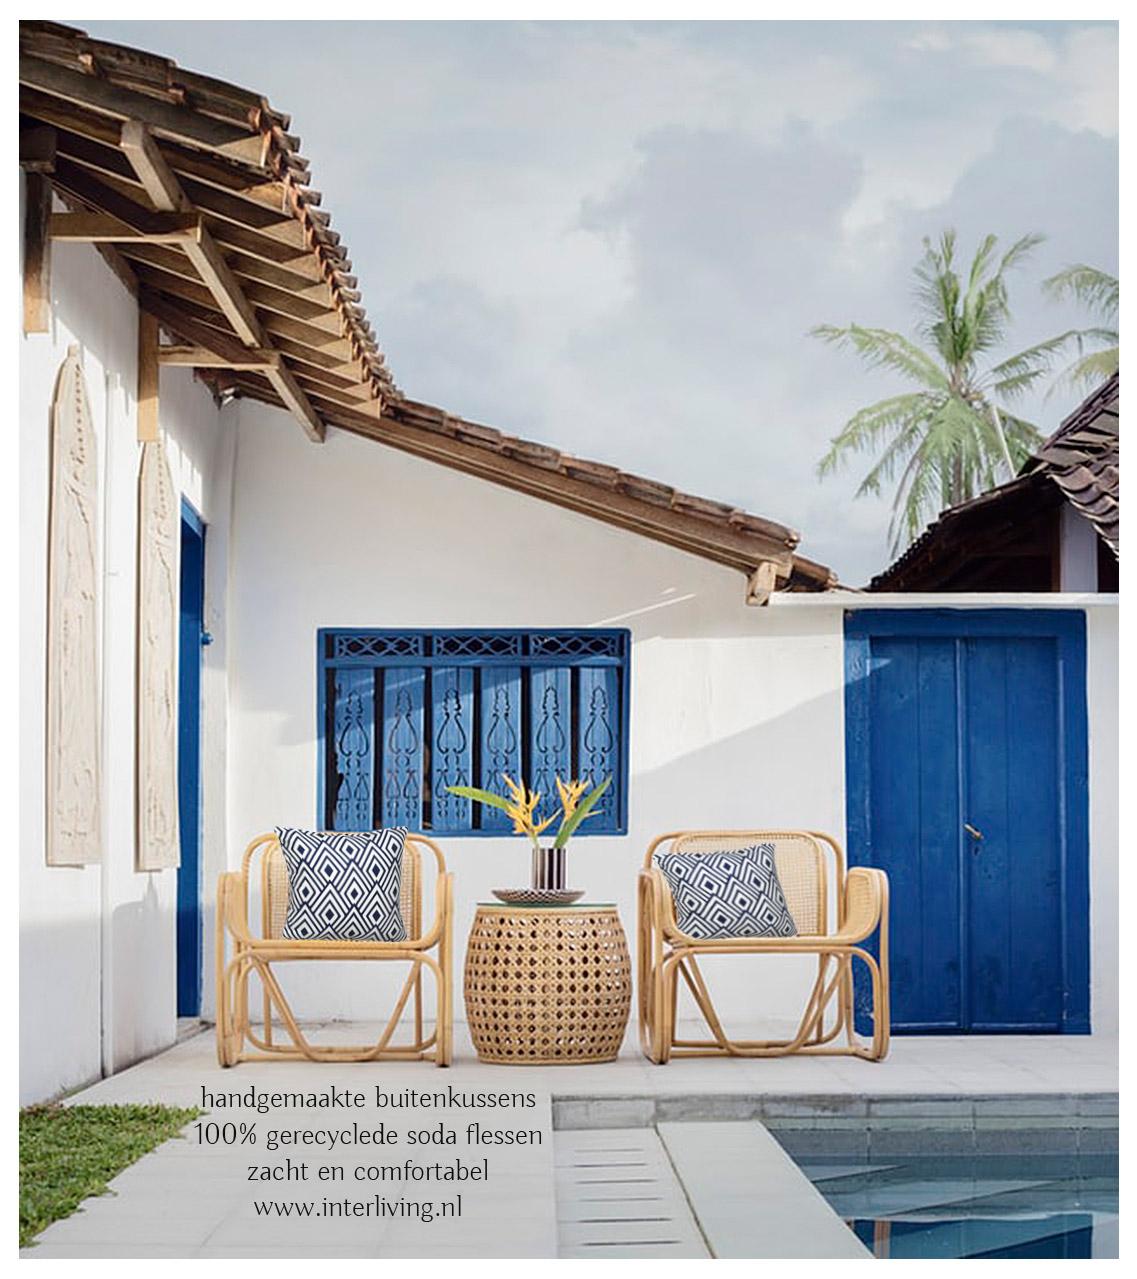 buitenkussen in Ibiza blauw stijl voor je rotan lounge zitje - duurzame kussen gemaakt van 100% gerecyclede soda flessen